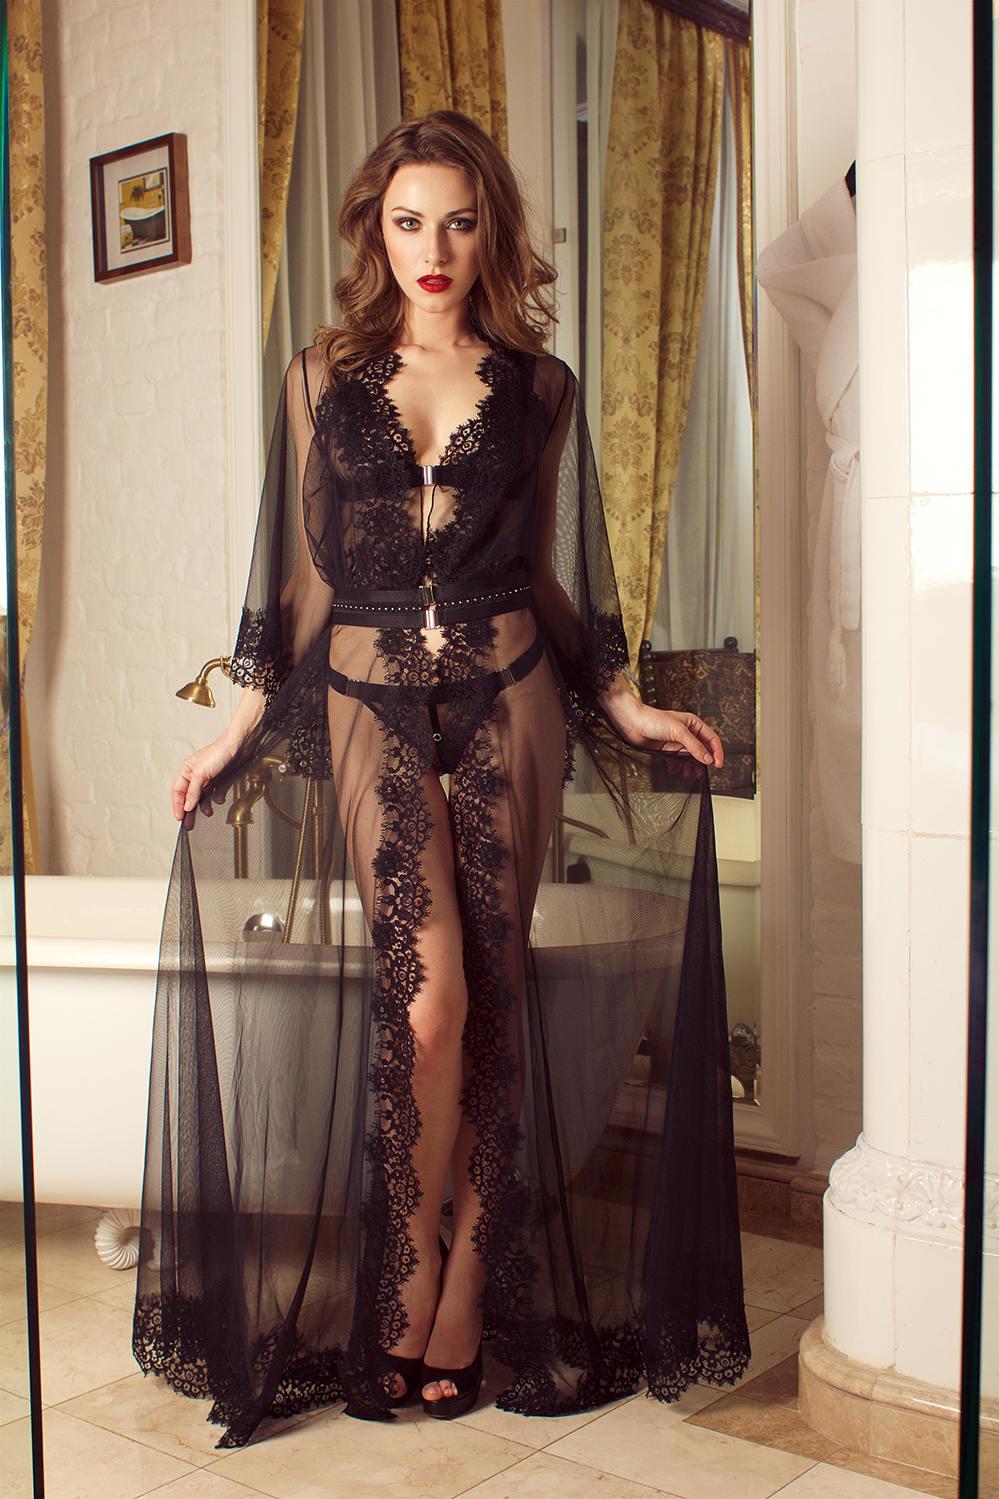 Black lace erotic lingerie